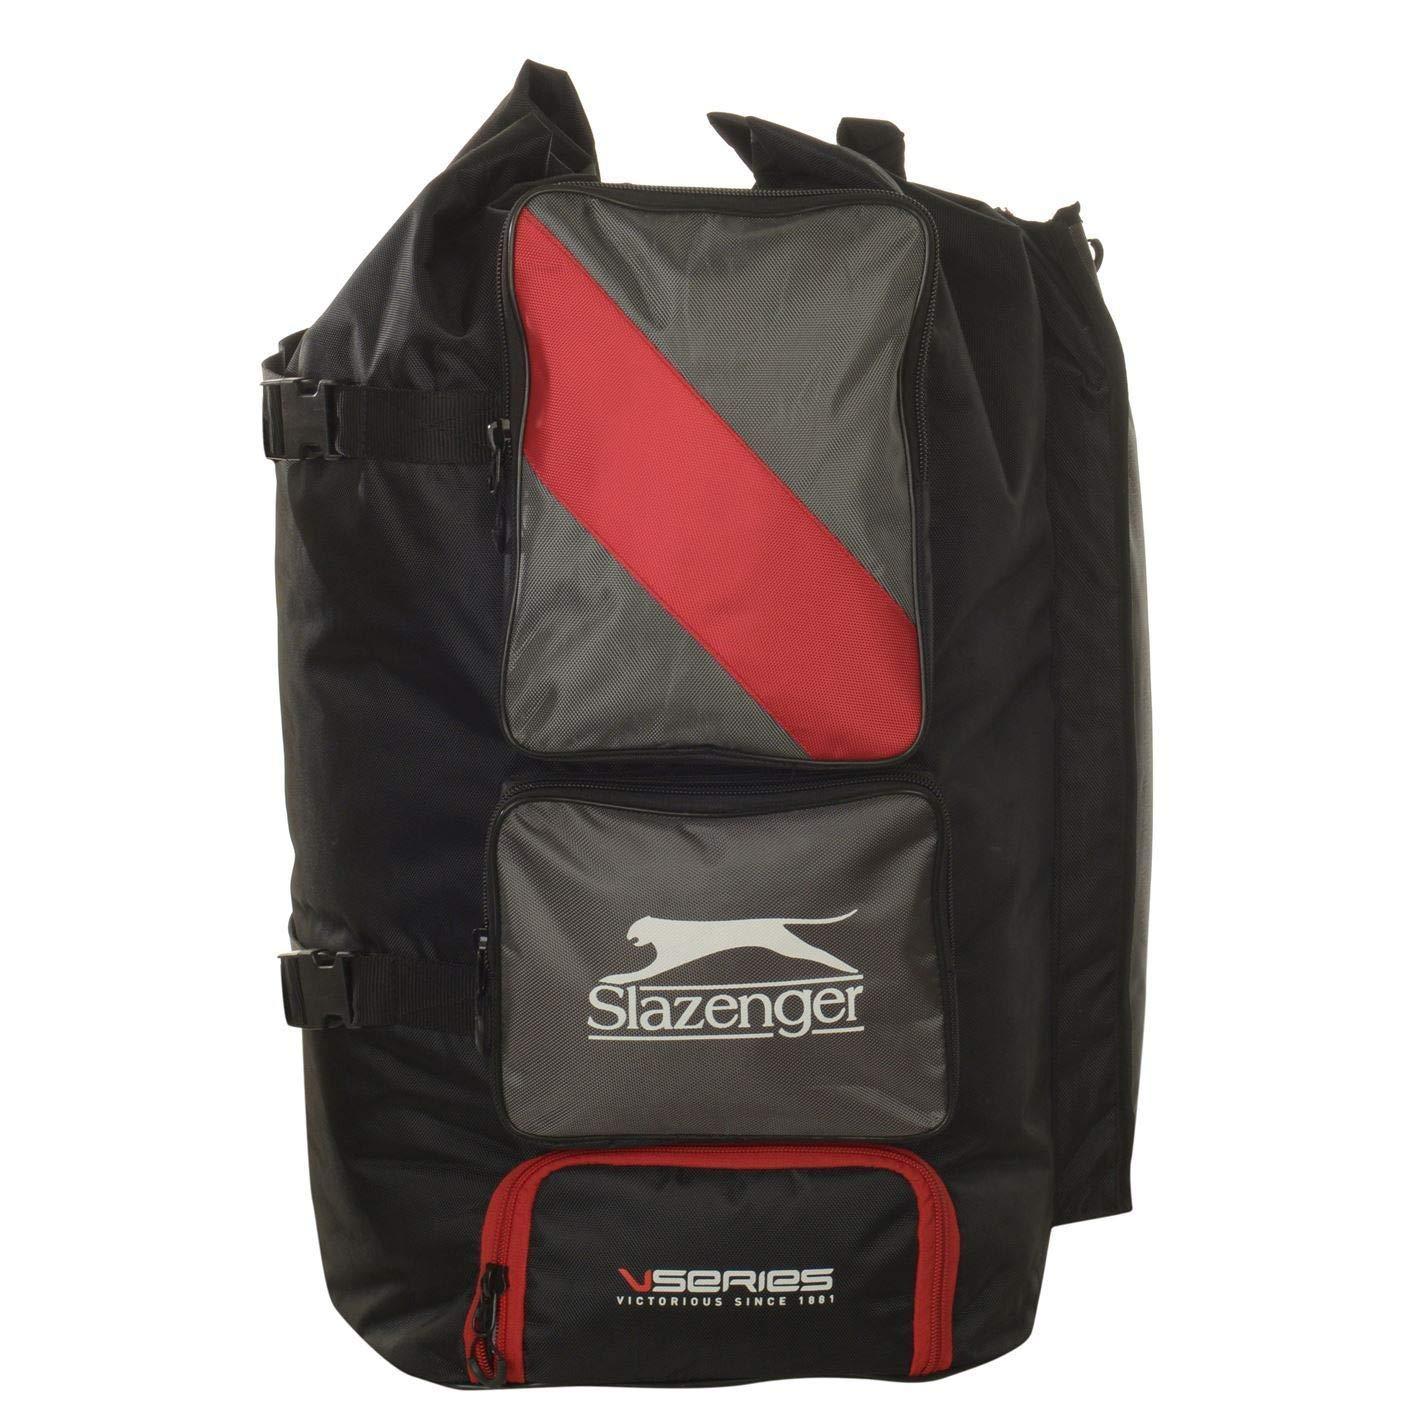 Slazenger V Series Duffle Bag Black//Red Holdall Carrycase Coffin